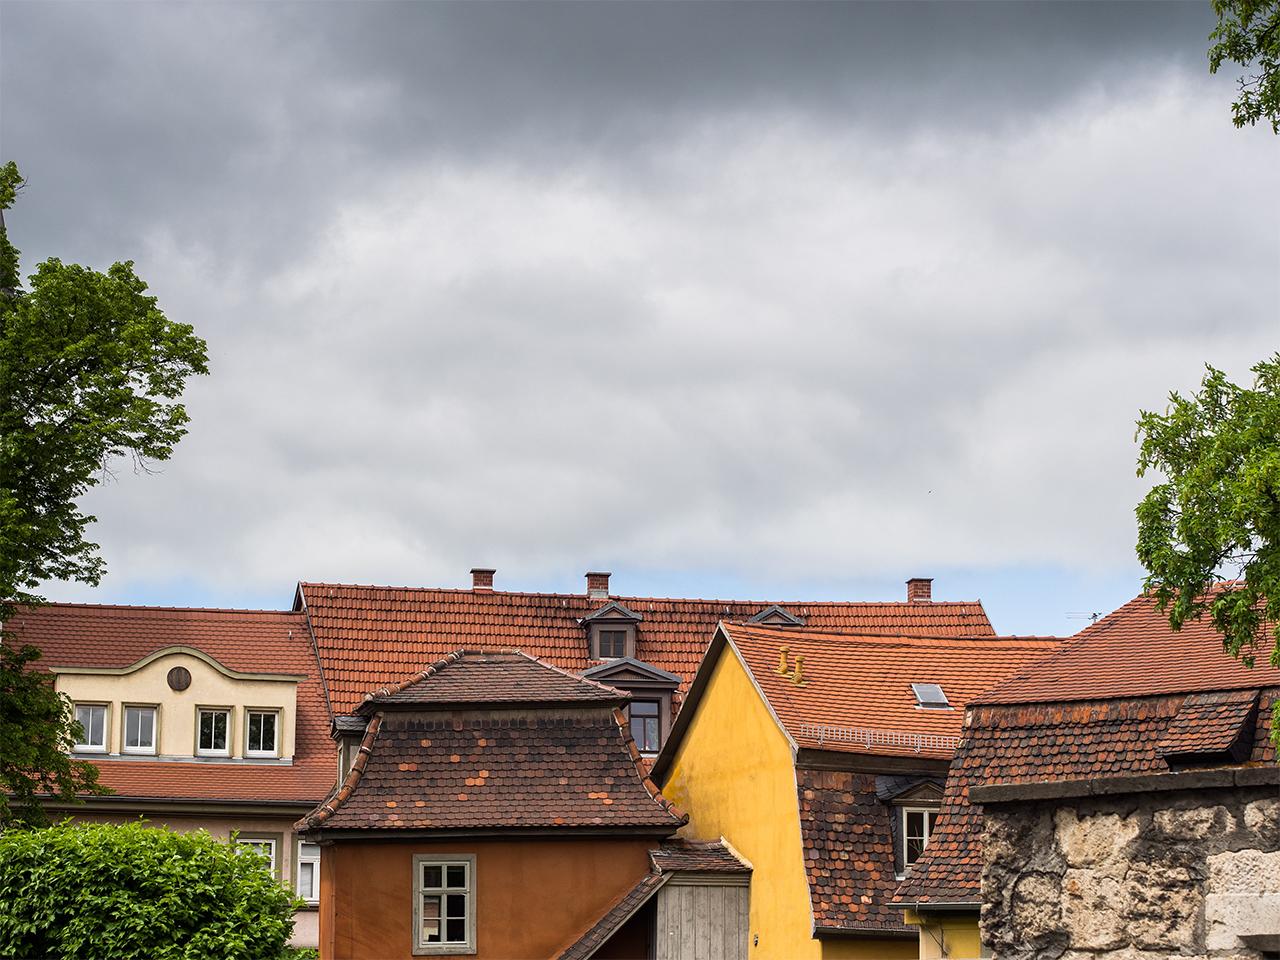 Weimar Häuser und Dächer